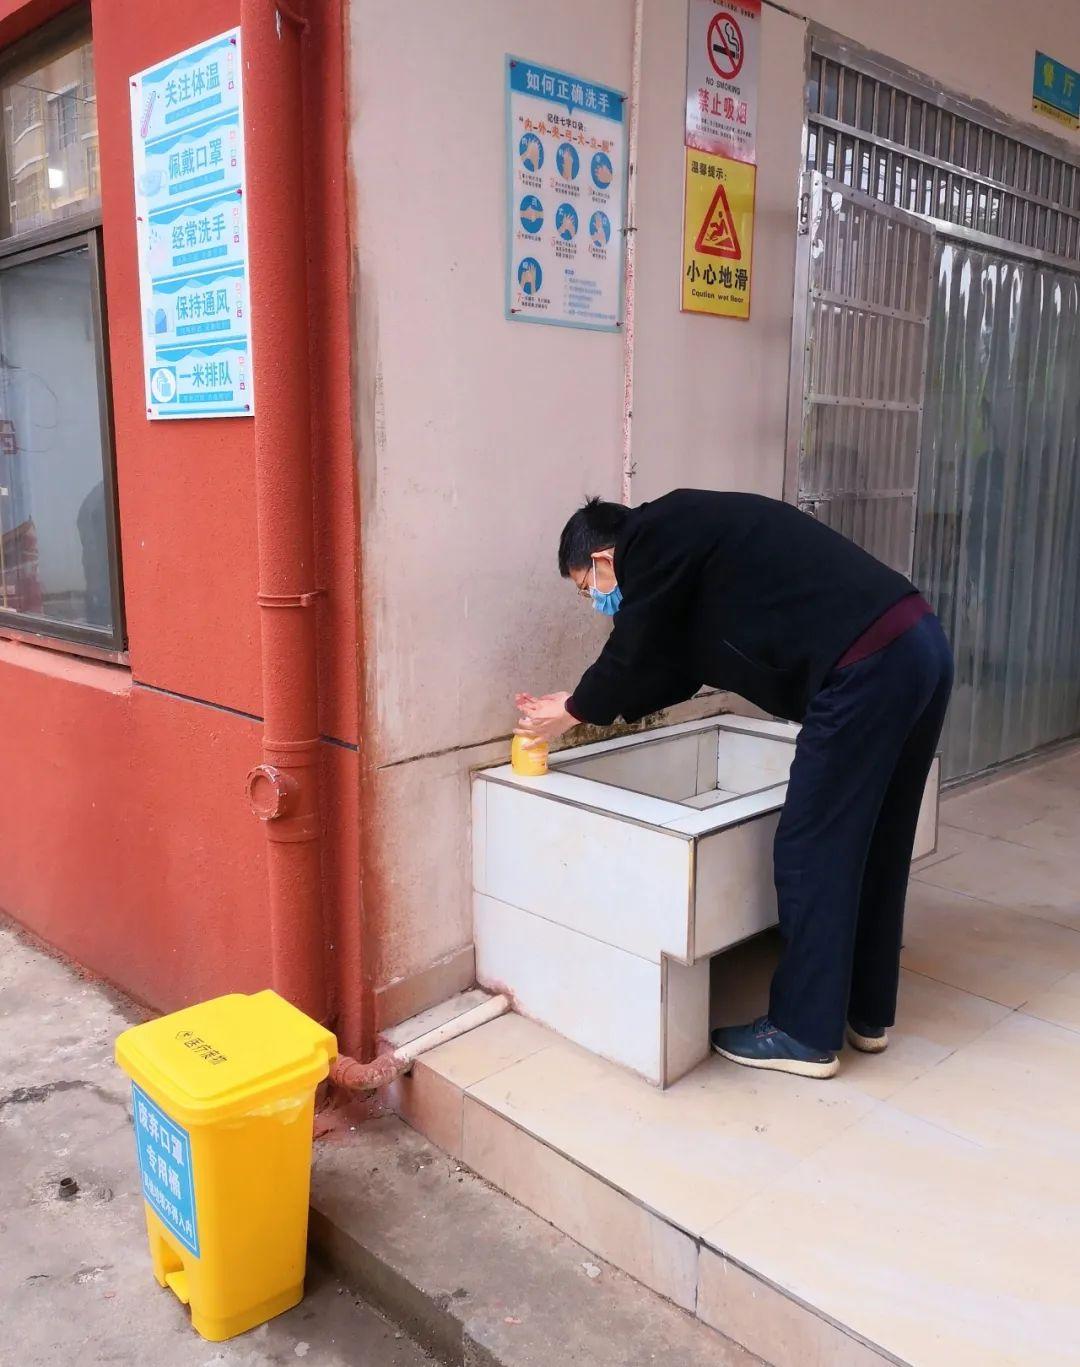 ▲图中由老师进行洗手示范